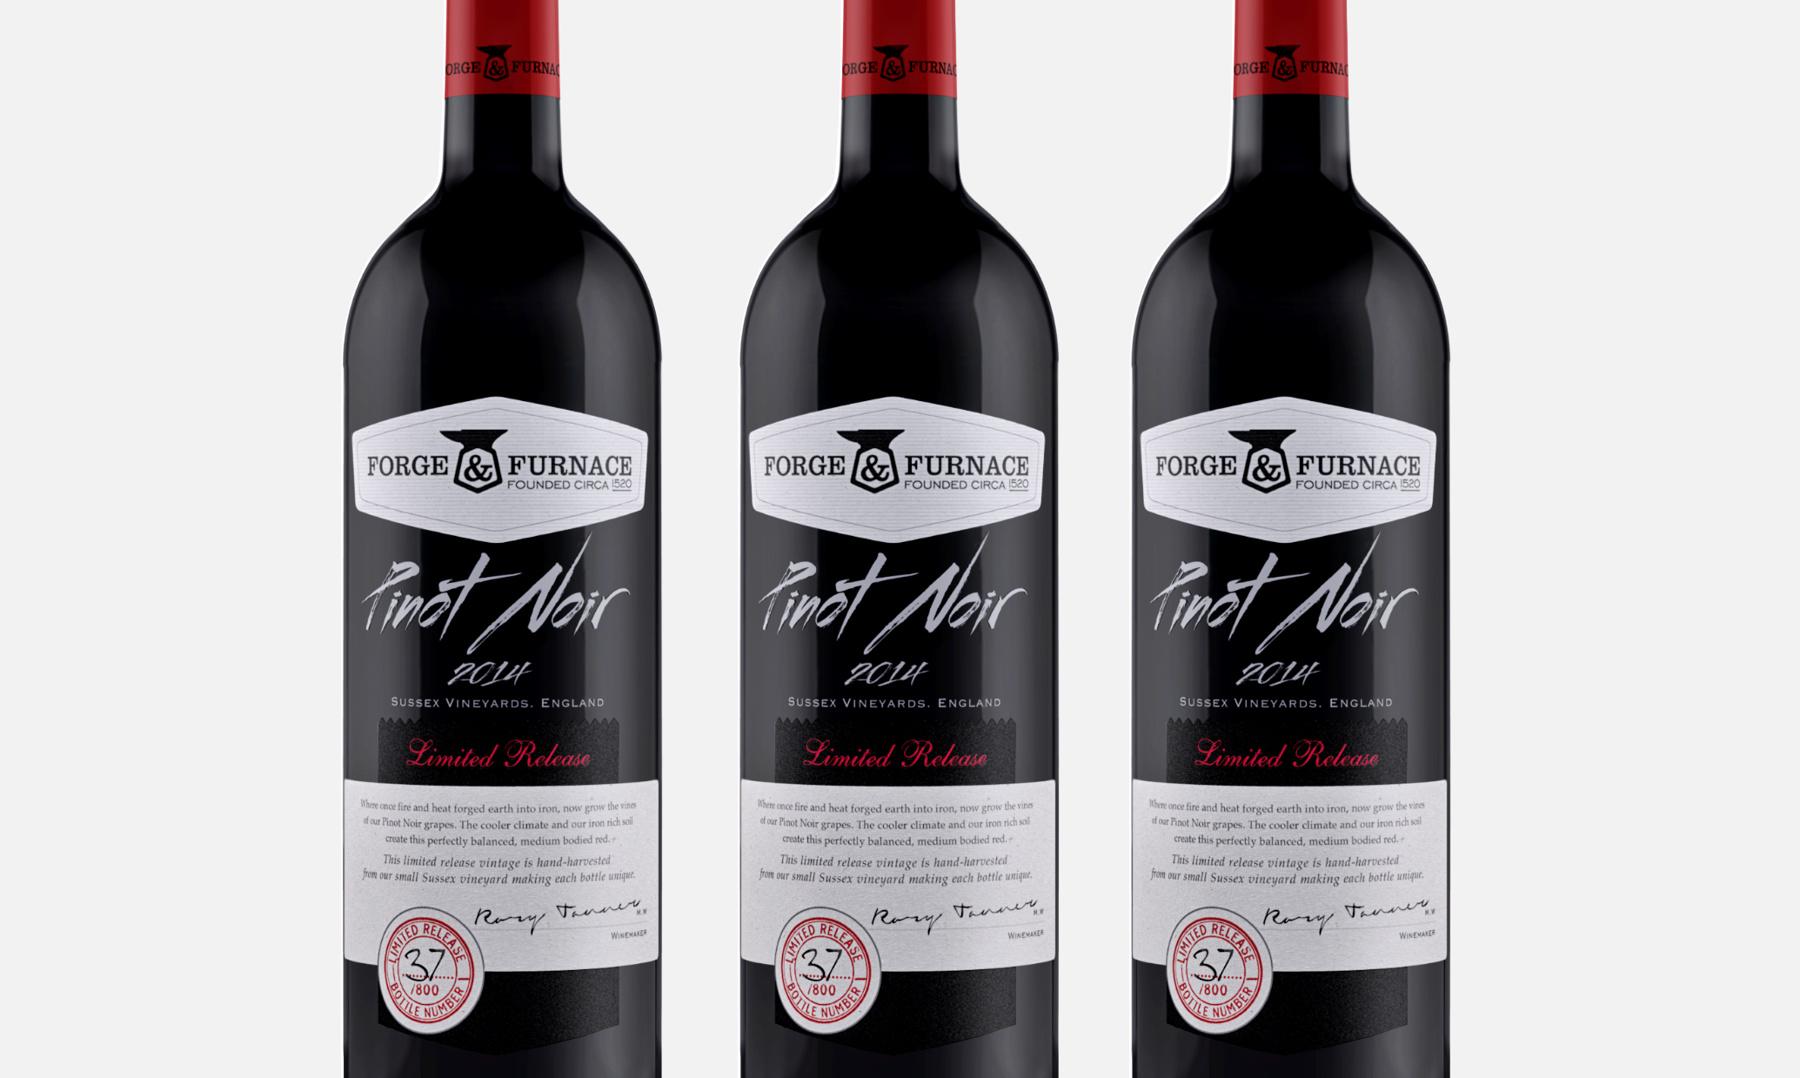 Wine Label Design, Bottles